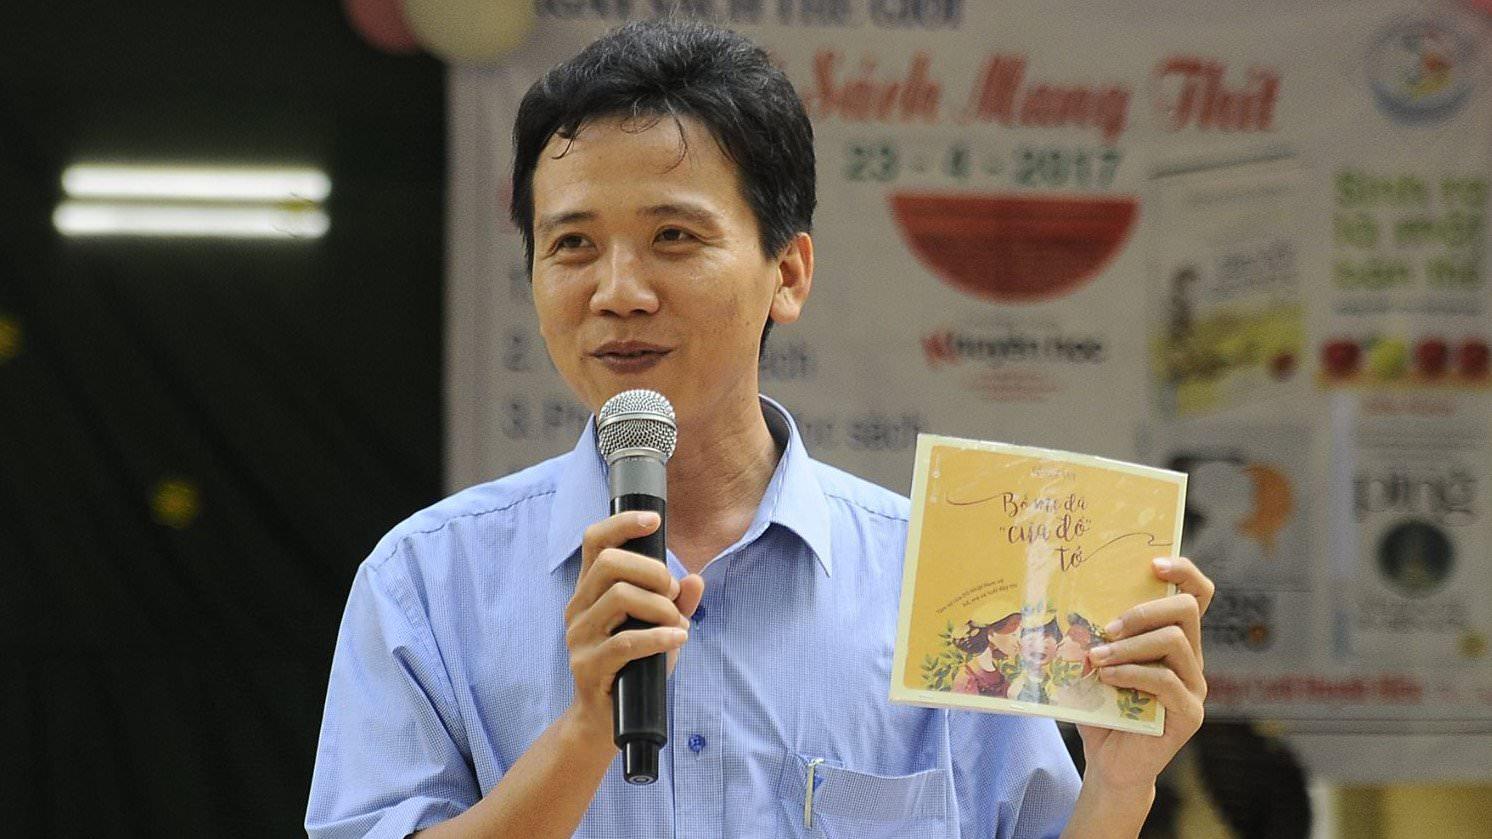 Thầy Huỳnh Văn Thế, người tâm huyết với việc đọc sách đã qua đời